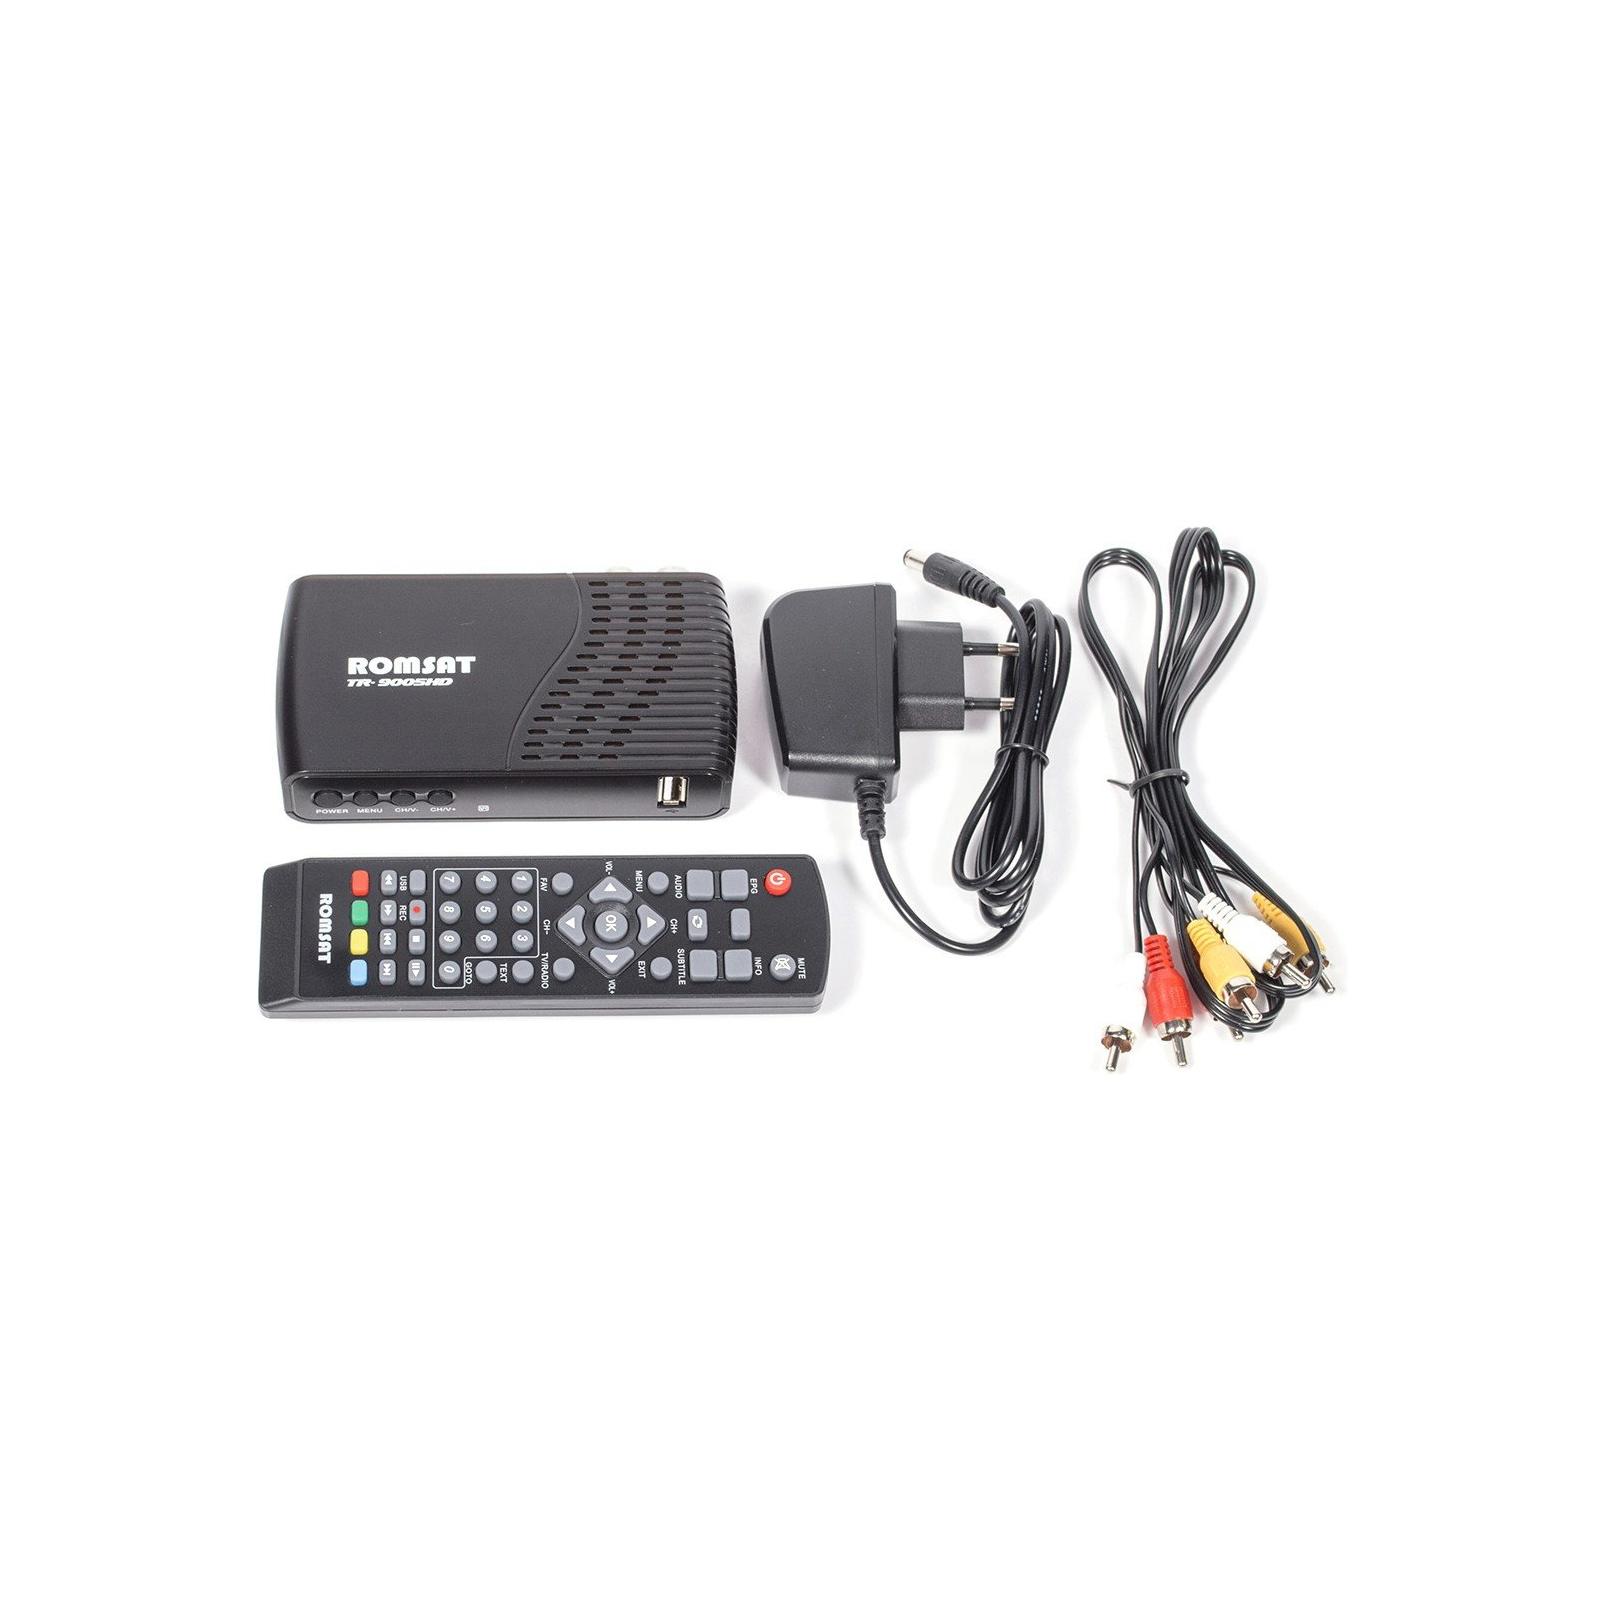 ТВ тюнер Romsat TR-9005HD, chip set MSD7T01 (TR-9005HD) зображення 6